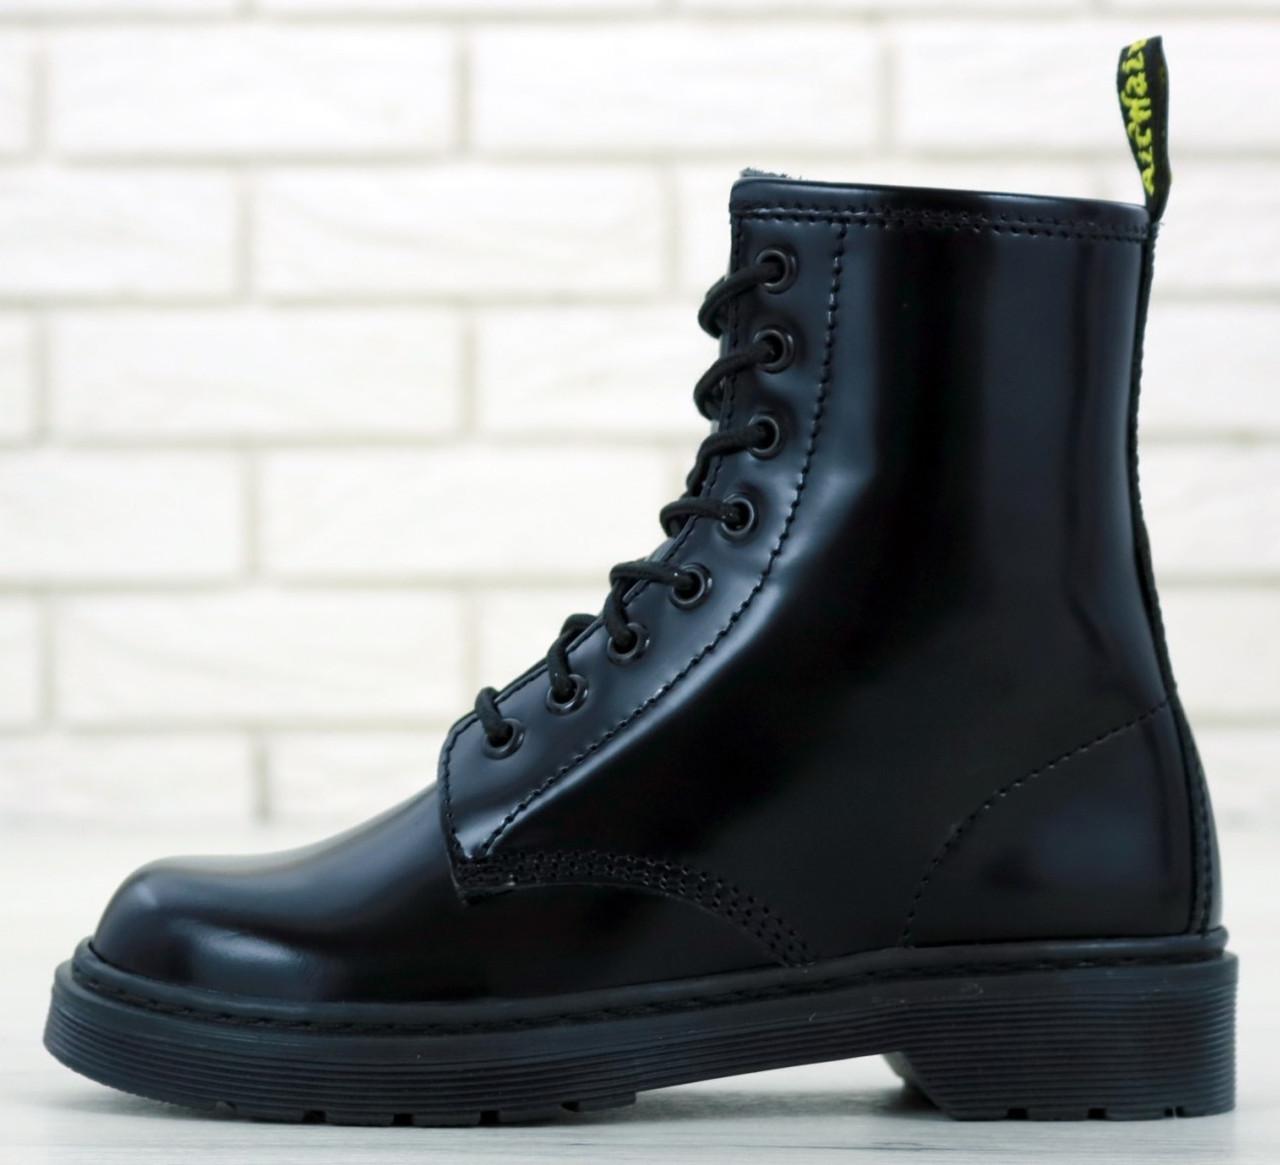 Женские Ботинки Dr. Martens 1460 Smooth Black высокие на шнуровке бех меха (Доктор Мартинс черные)